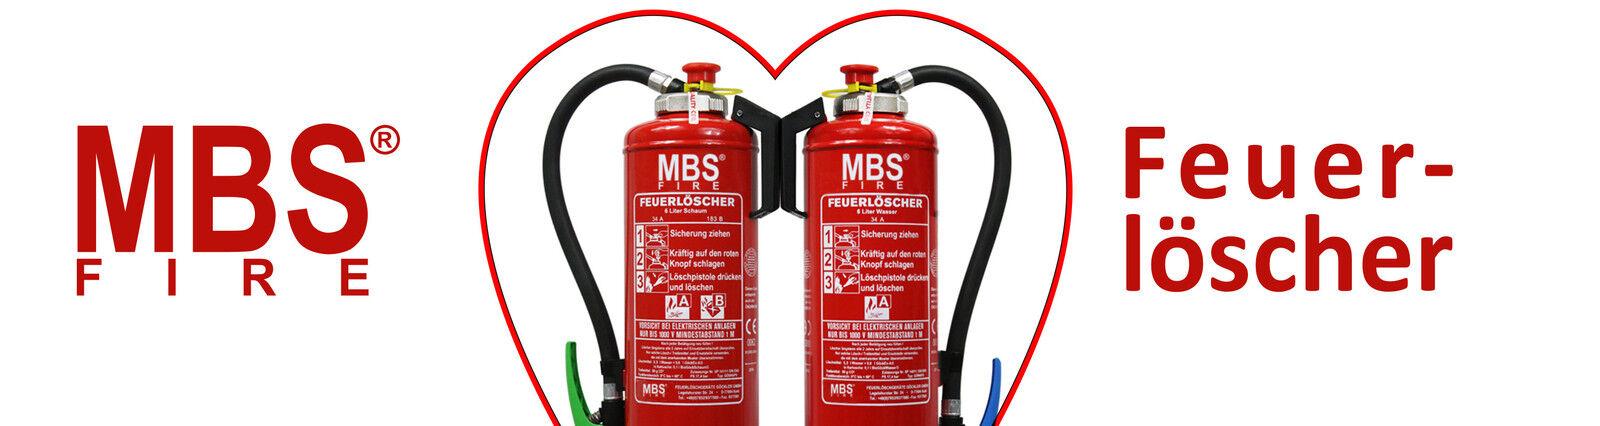 MBS-FIRE